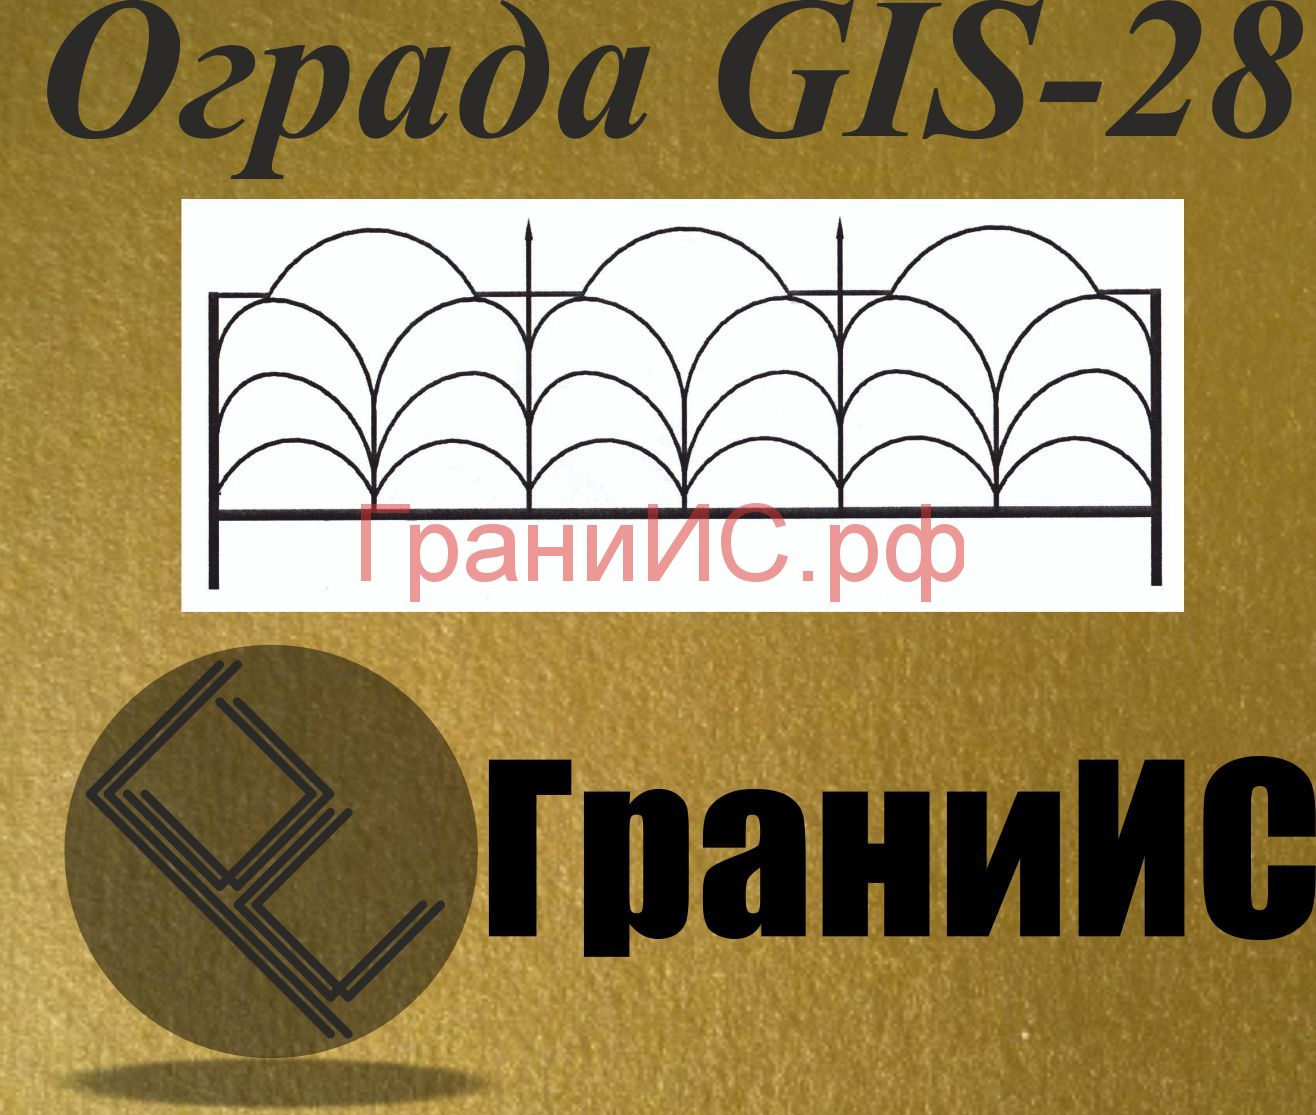 Ограда G - 28